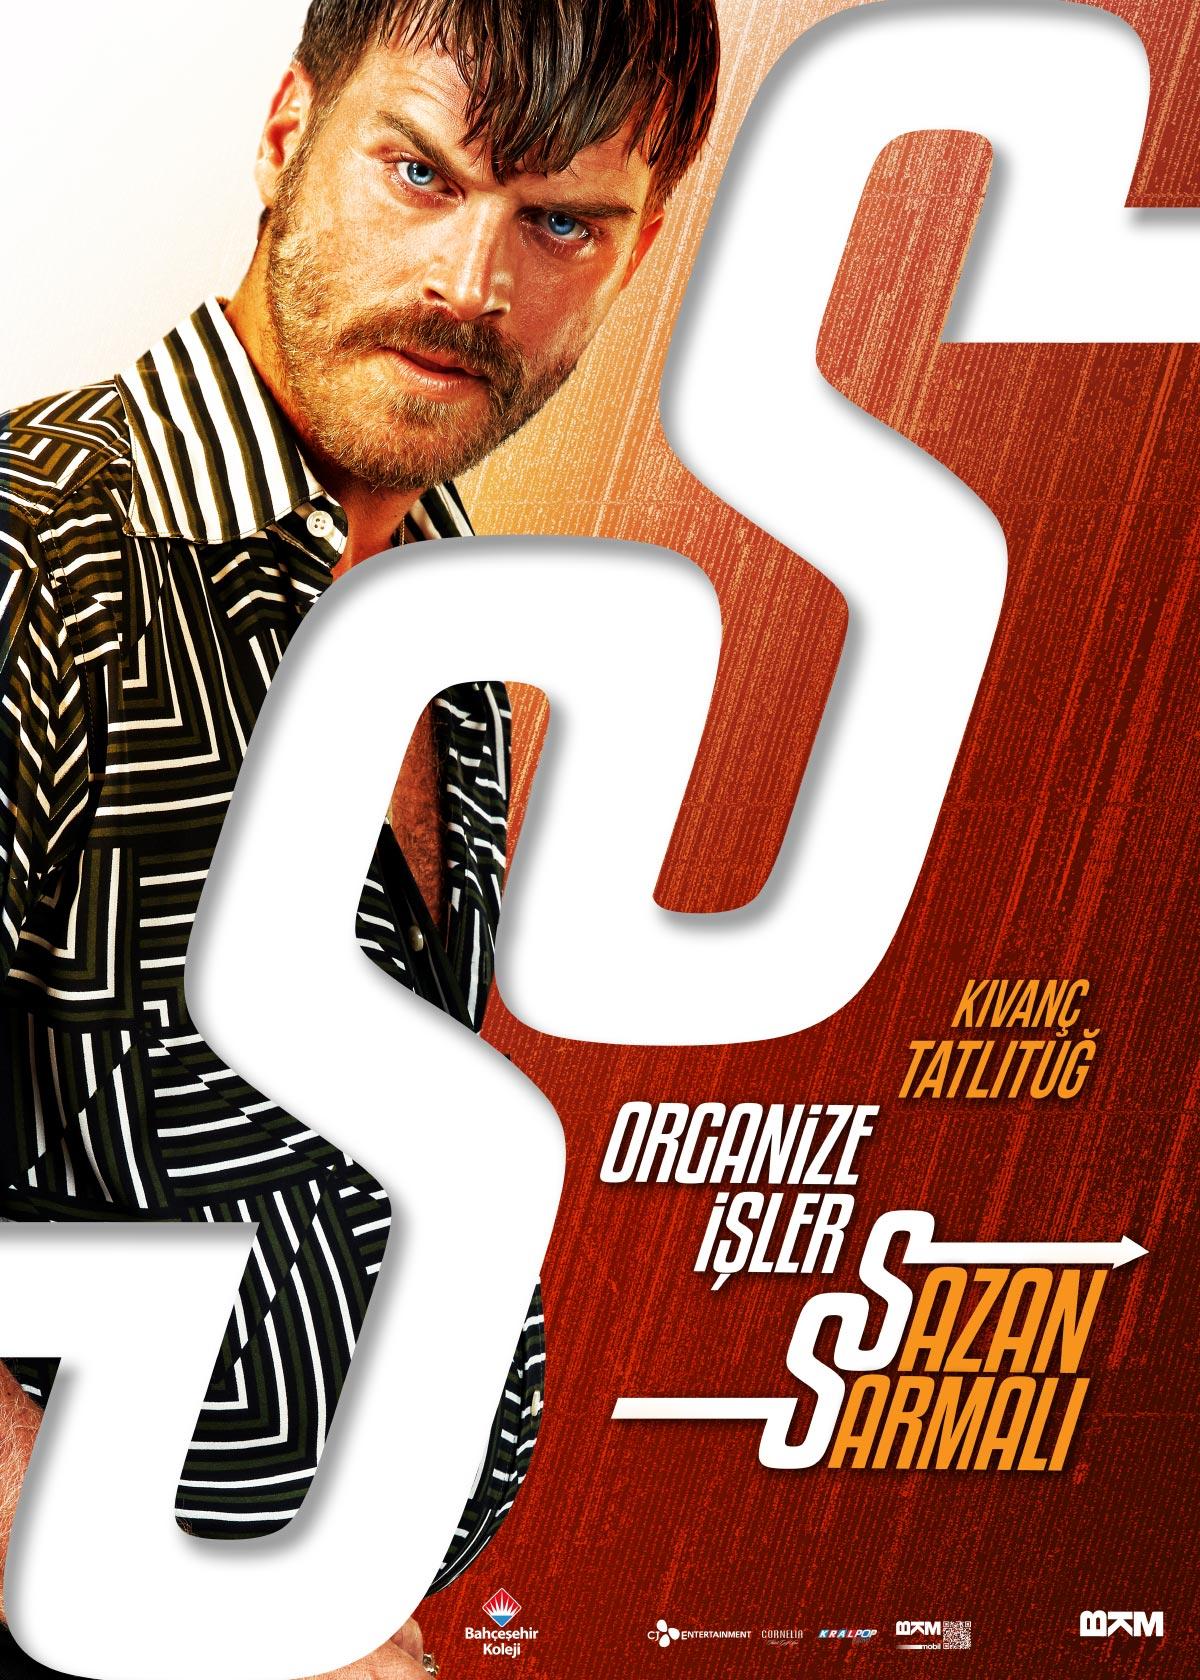 organize-isler-sazan-sarmali-04